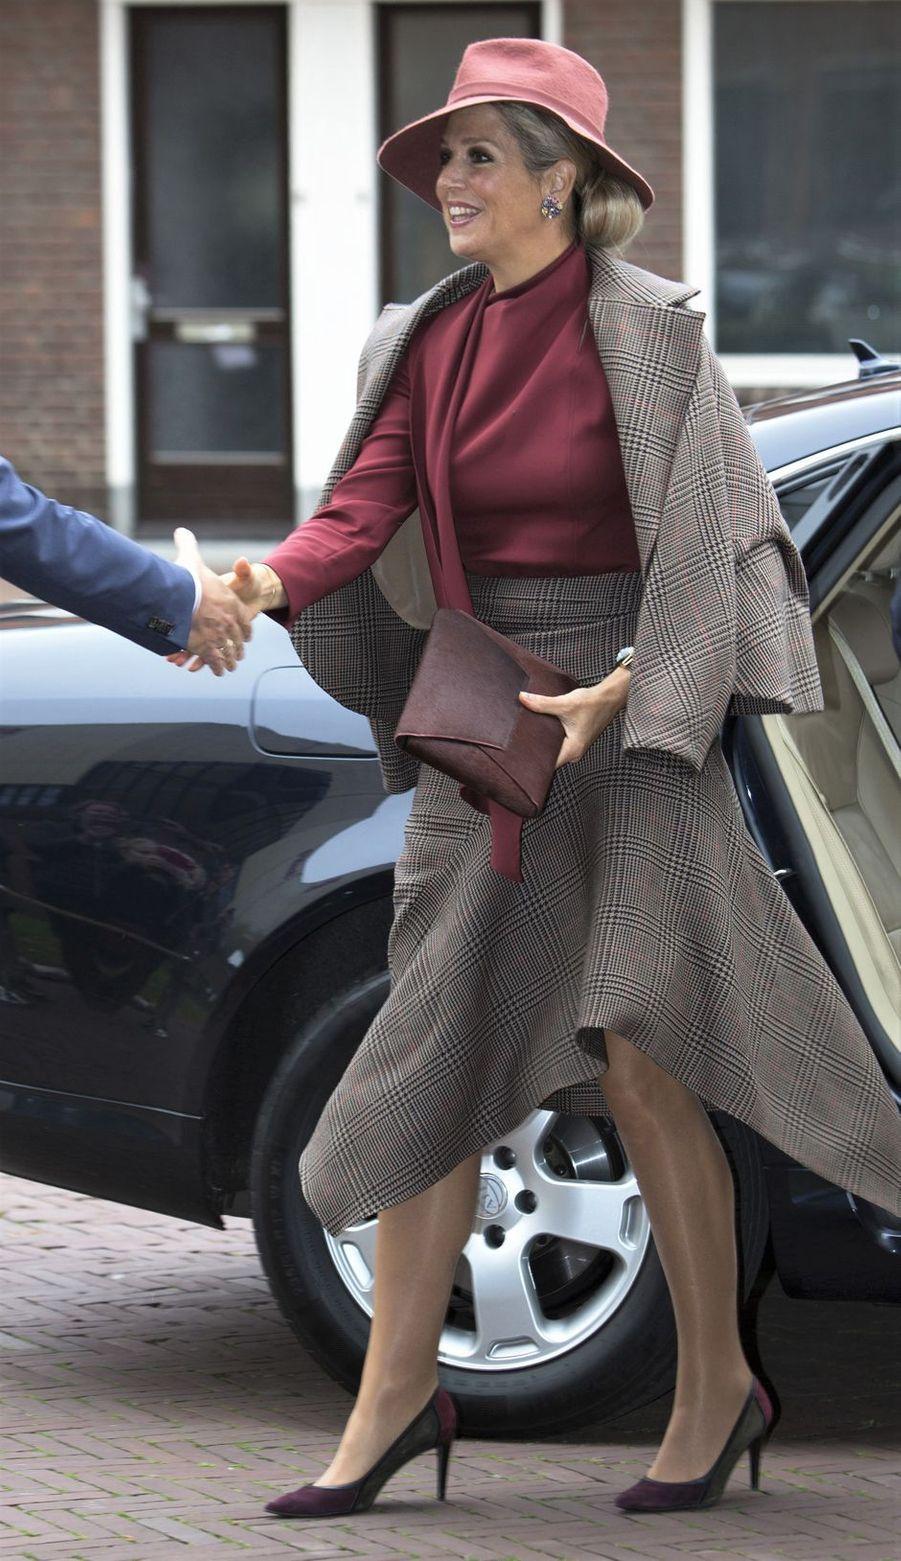 La reine Maxima des Pays-Bas dans un look automnal à Amersfoort, le 9 octobre 2019